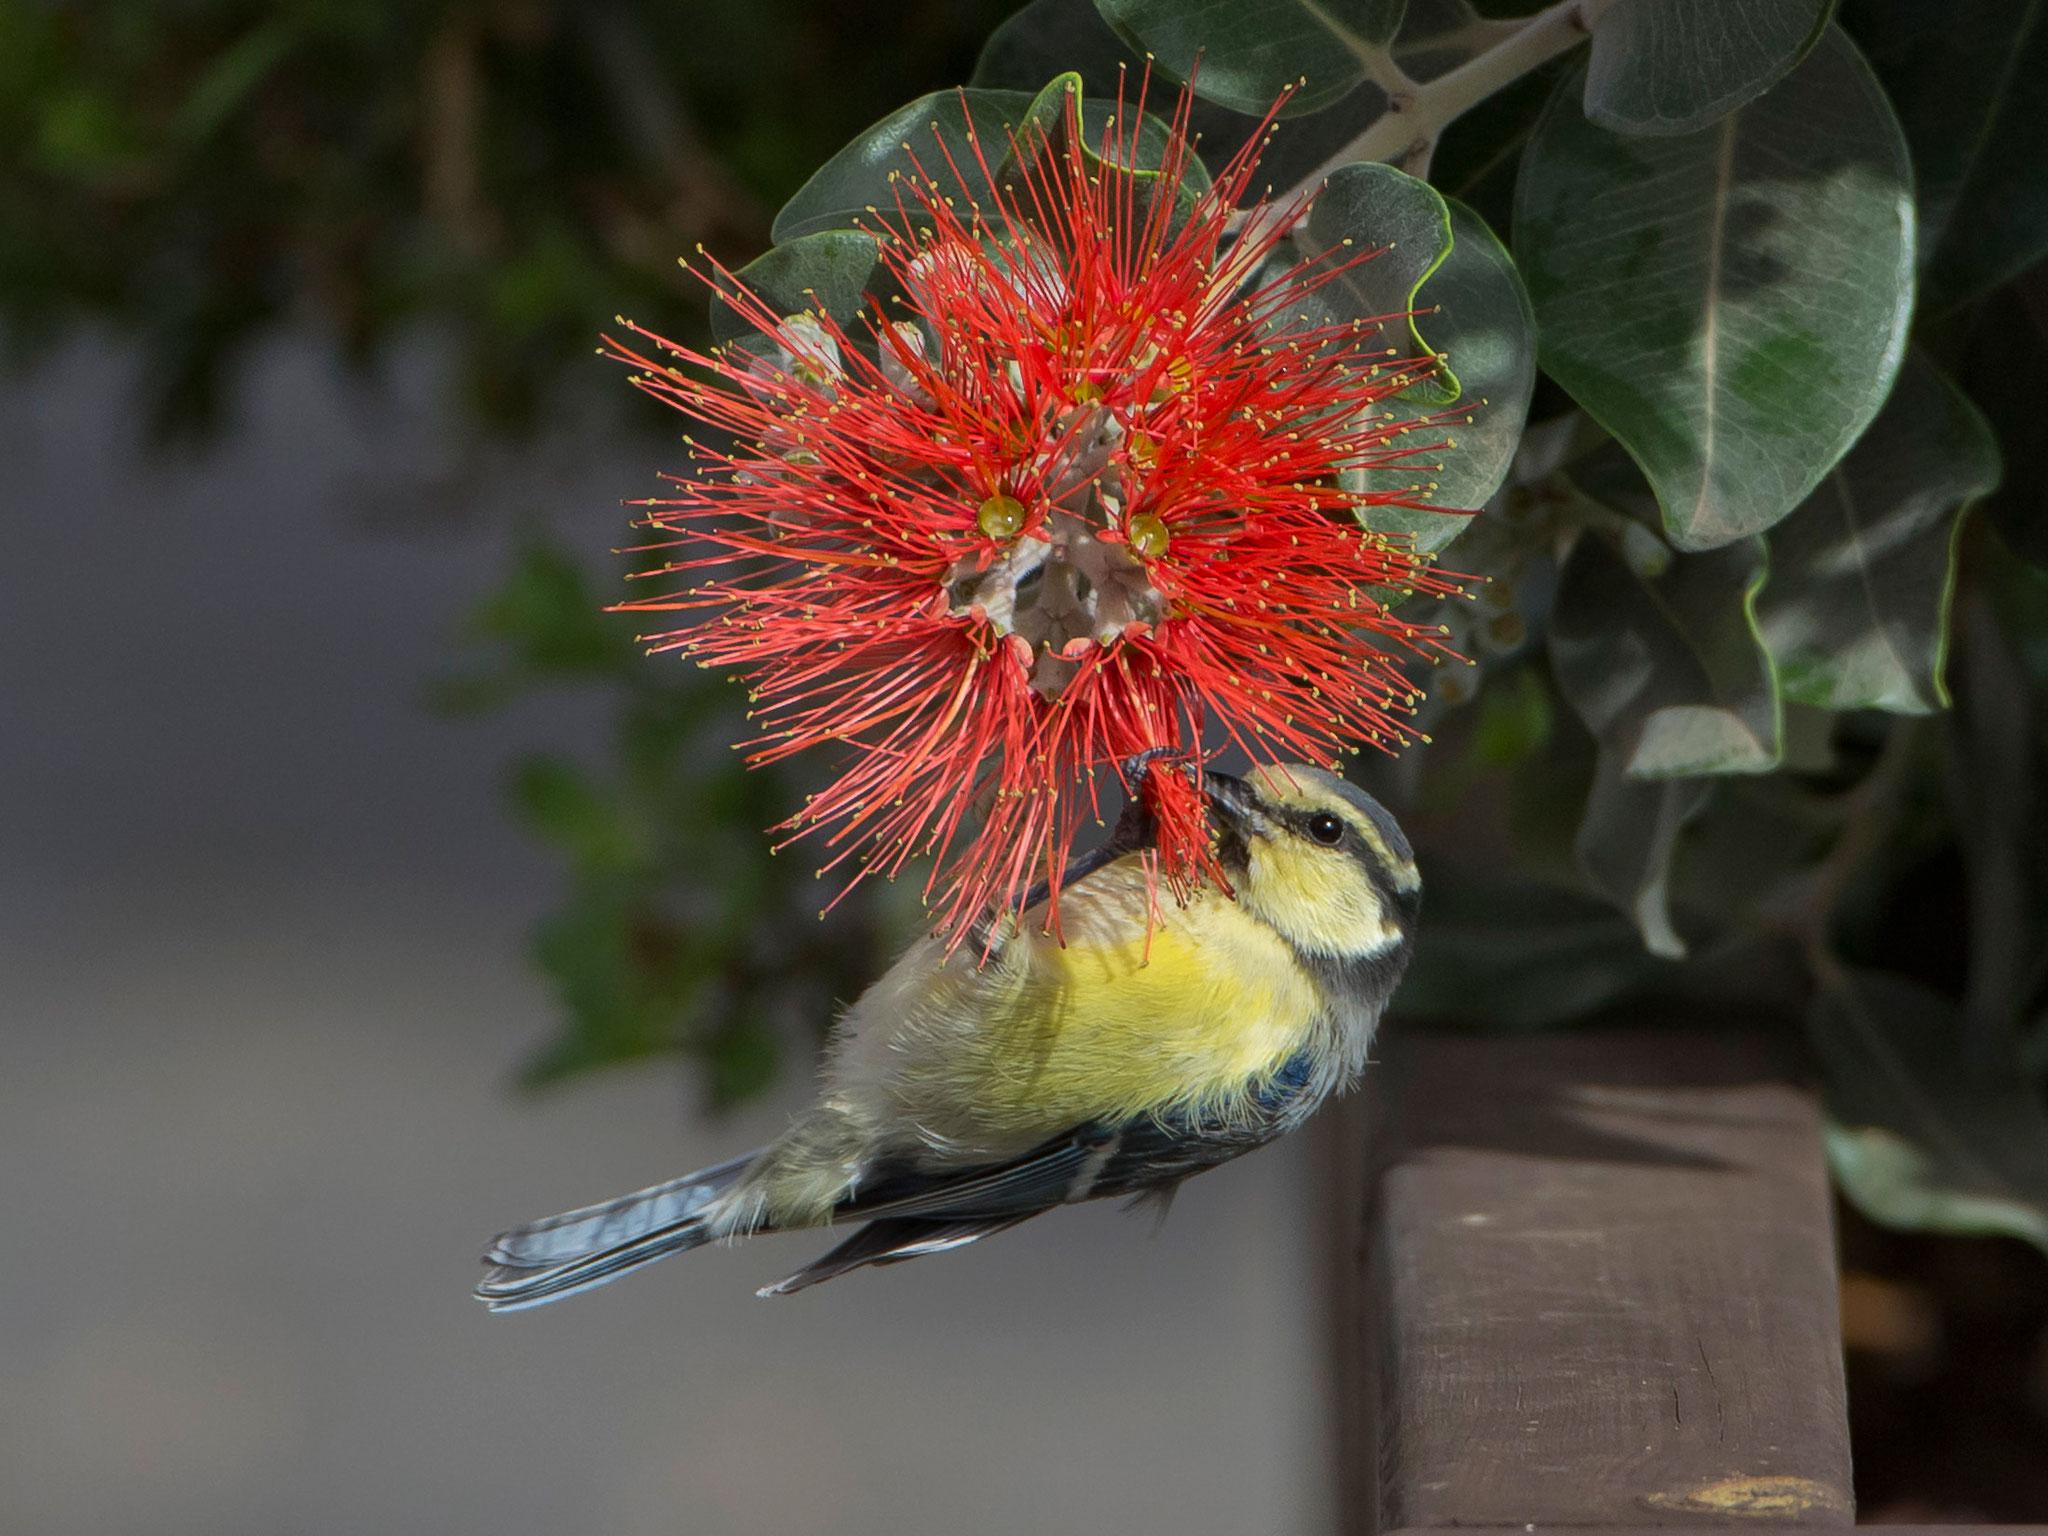 Im Ort sind auch Vogelbeobachtungen möglich wie diese junge Ultramarinmeise, die sich als Kolibri versucht